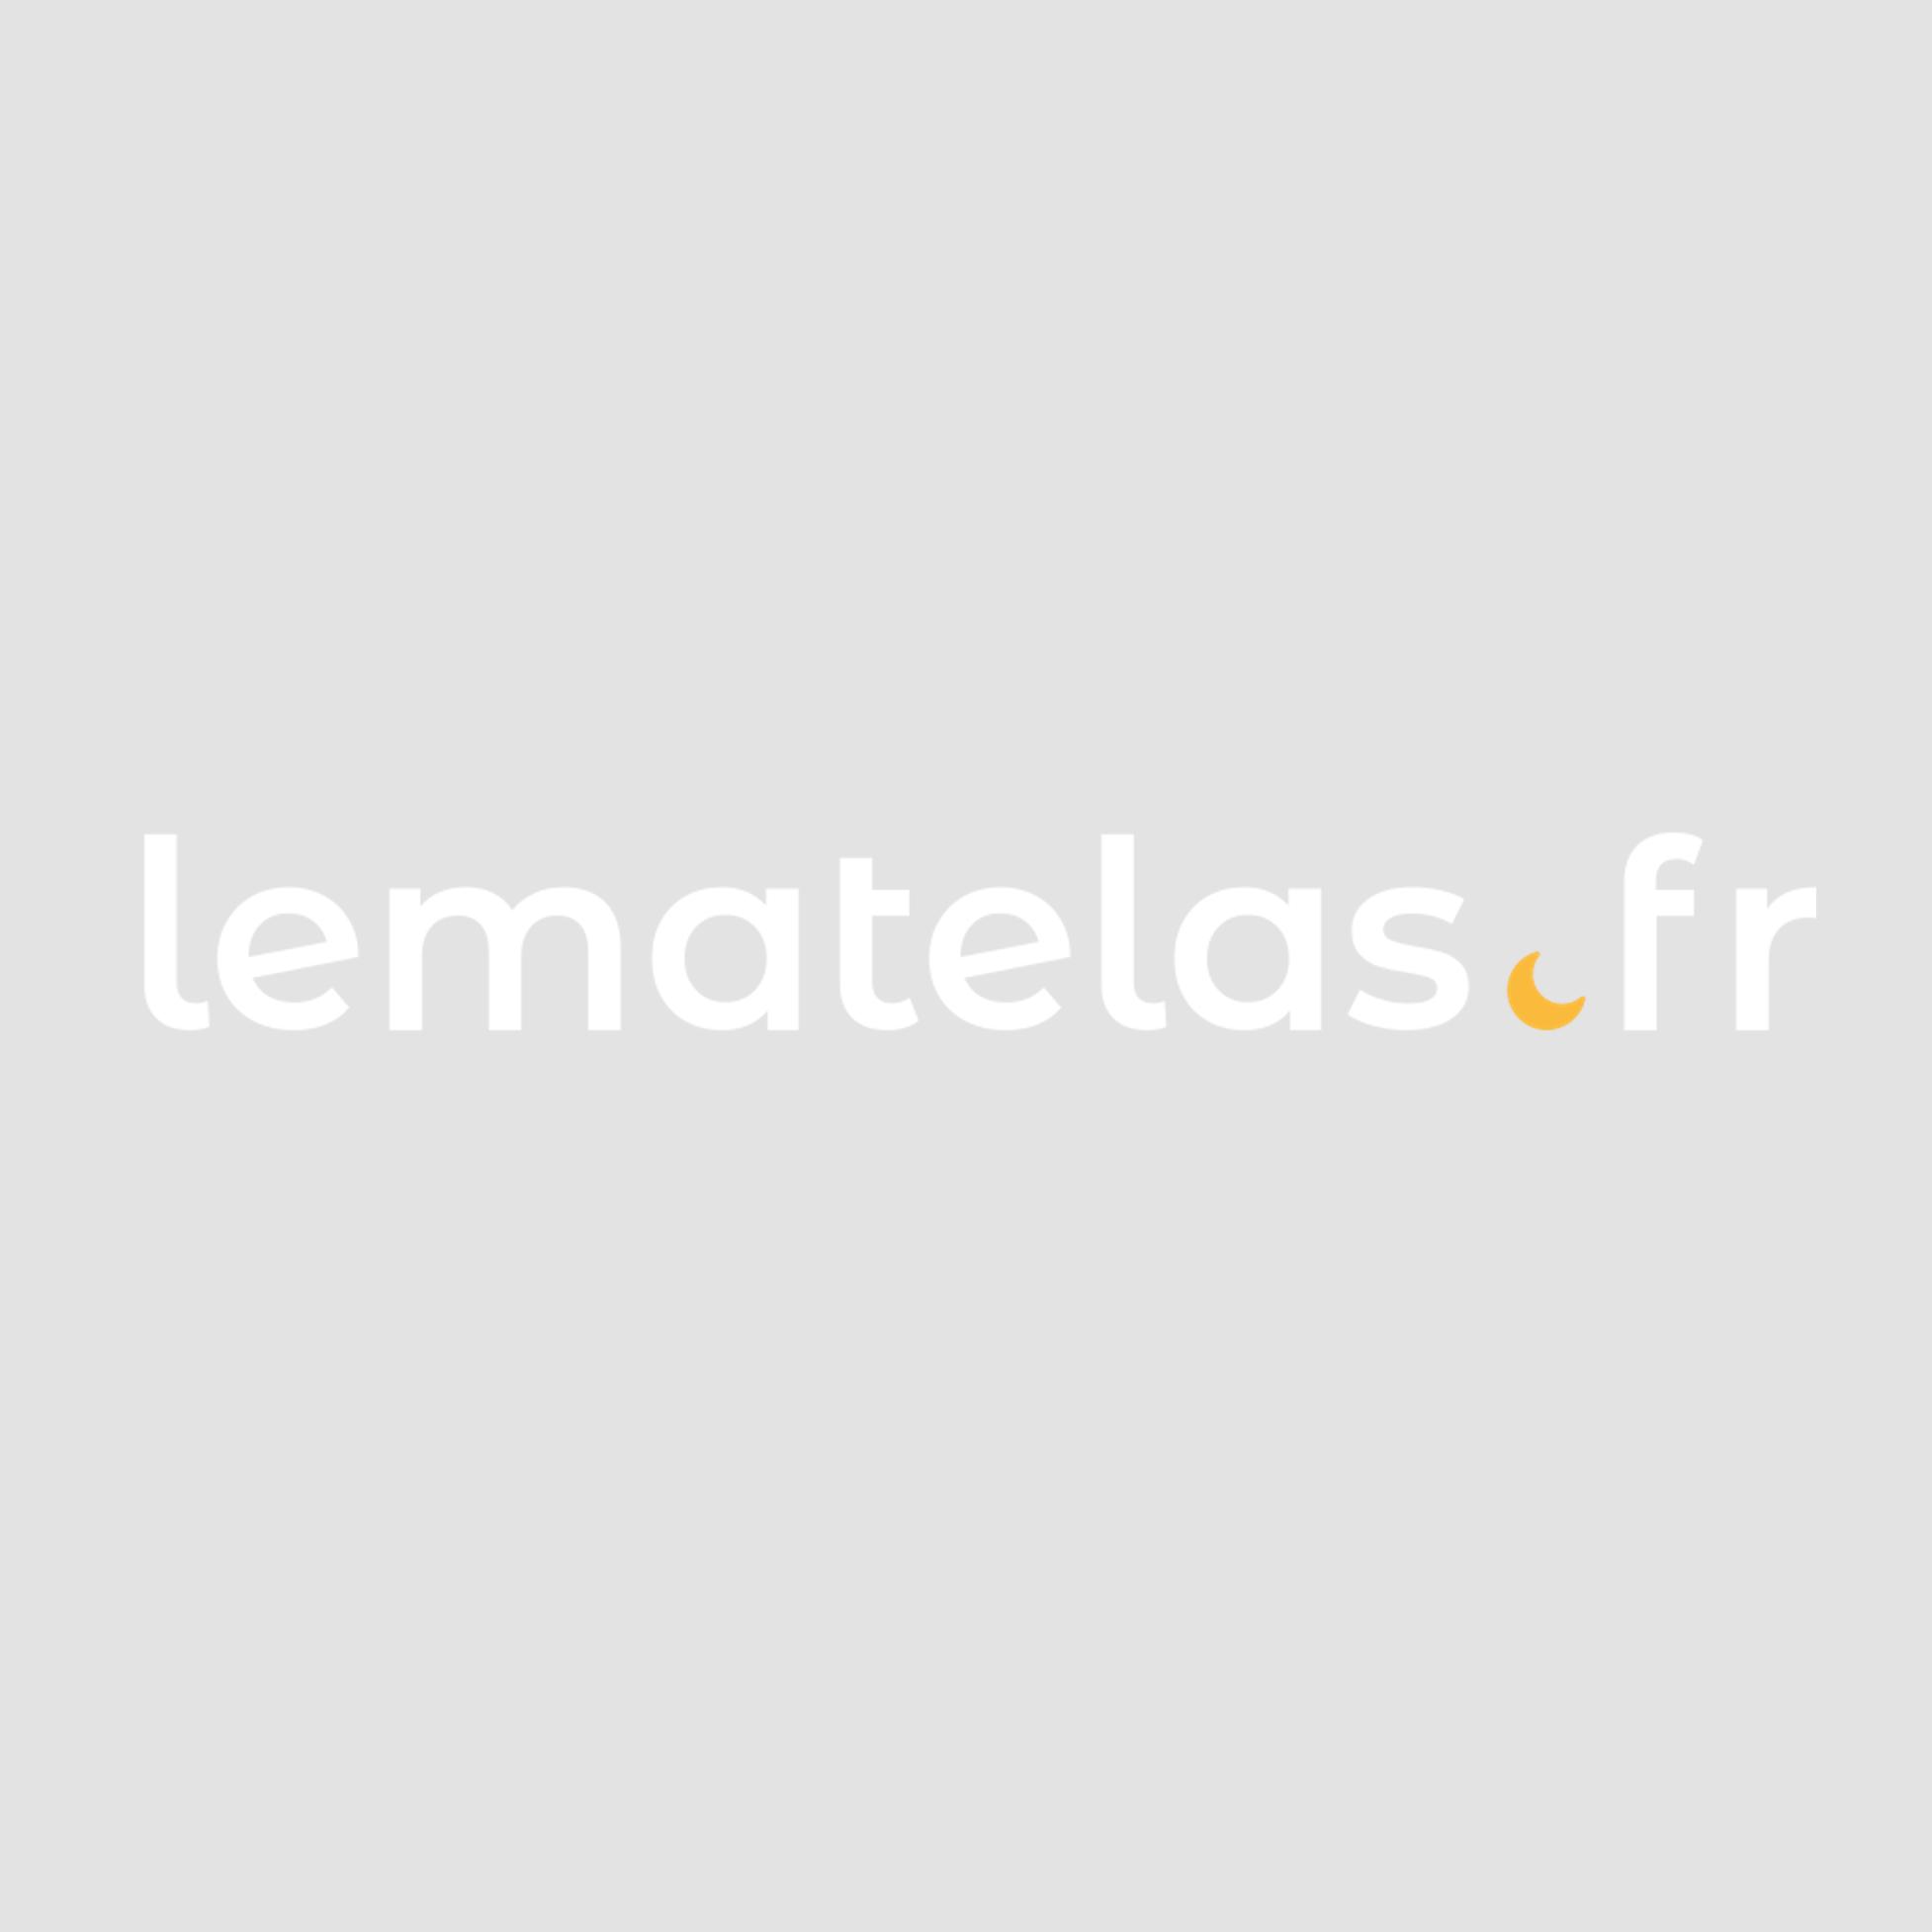 Terre de Nuit Drap housse vert jade TPR jersey extensible 2x70x190